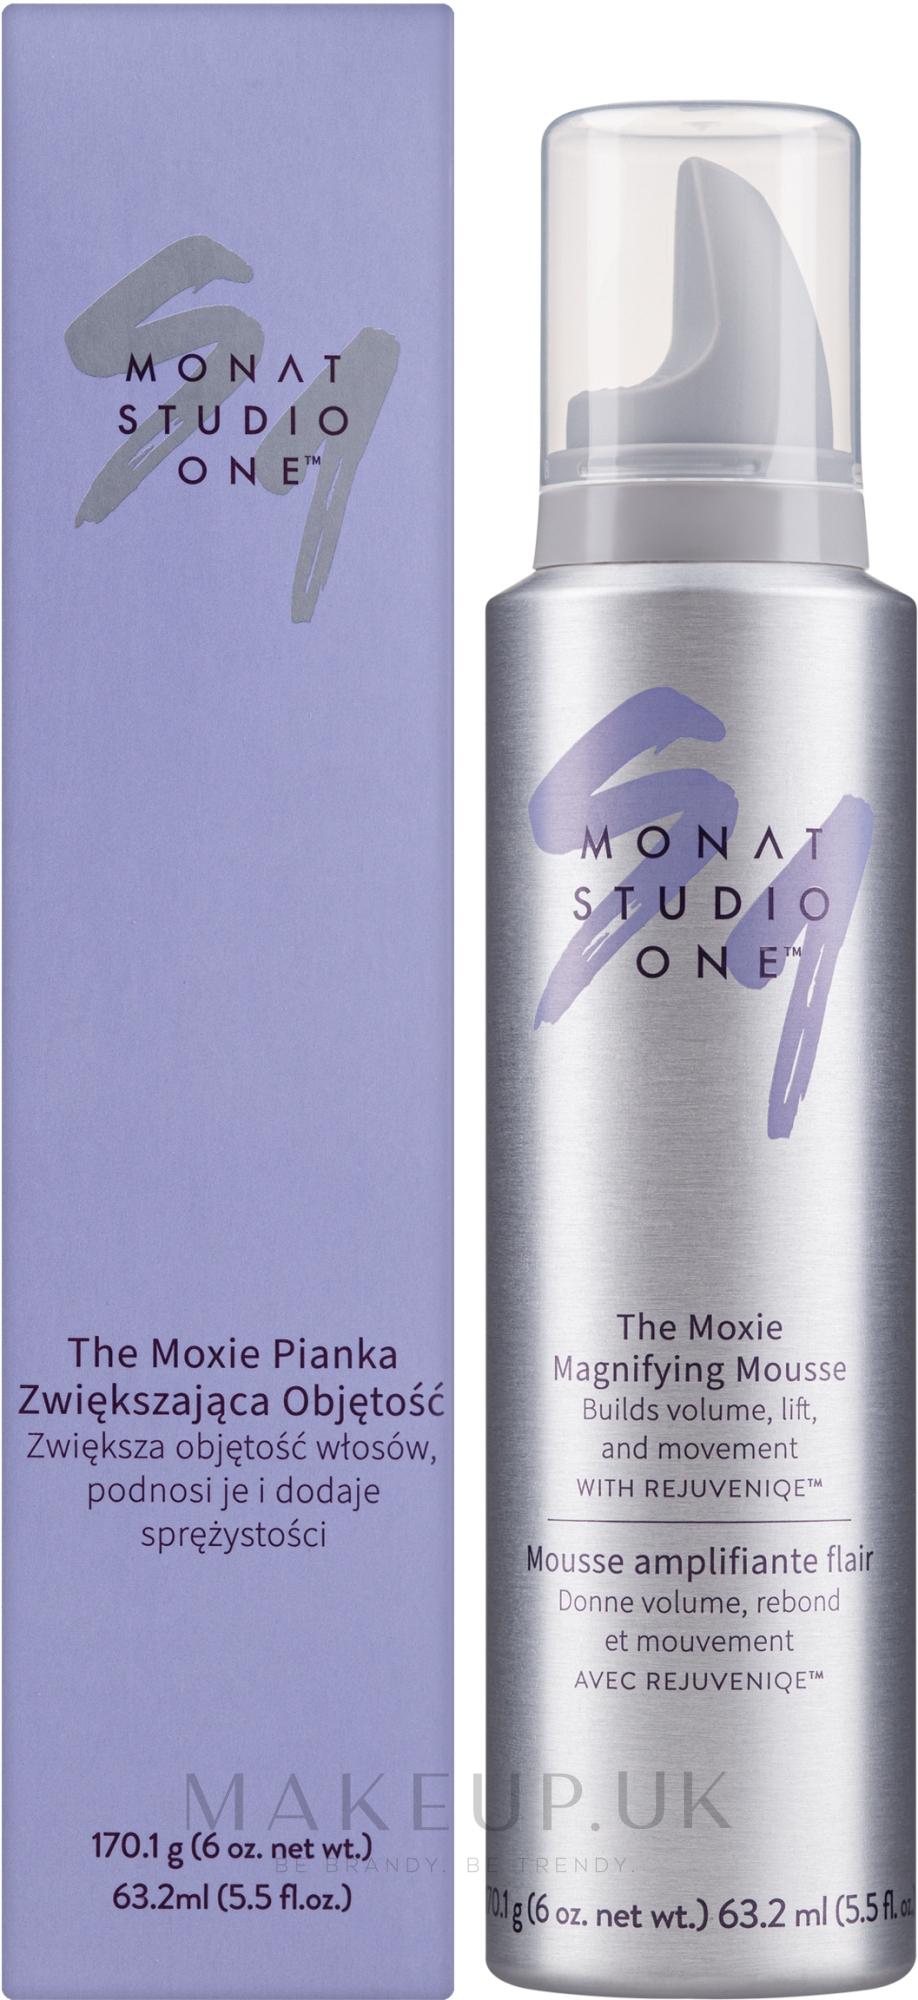 Volumizing Mousse - Monat Studio One The Moxie Mousse — photo 63.2 ml